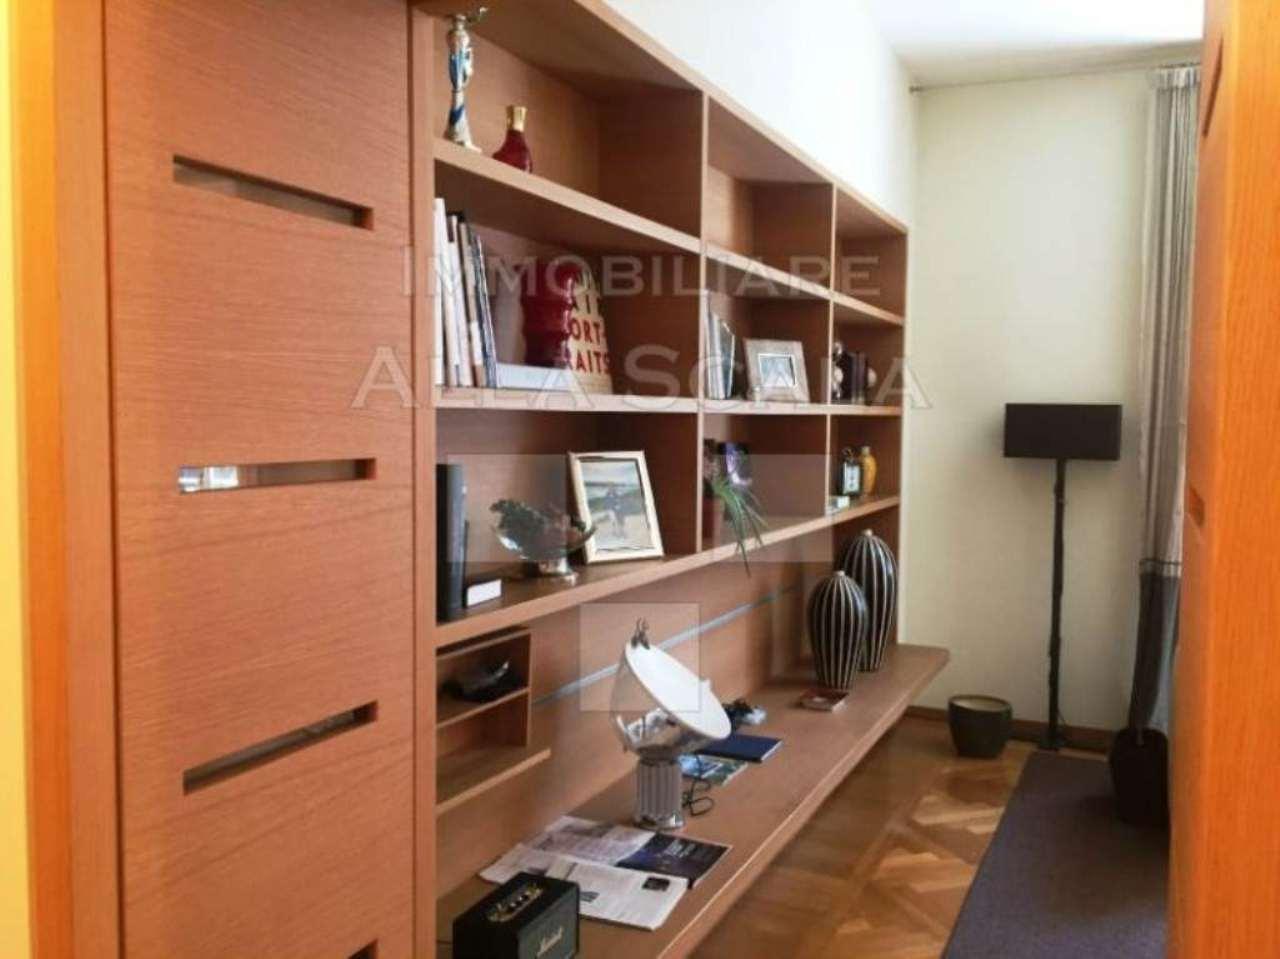 Appartamento in affitto a Milano, 3 locali, zona Zona: 1 . Centro Storico, Duomo, Brera, Cadorna, Cattolica, prezzo € 3.000 | Cambio Casa.it